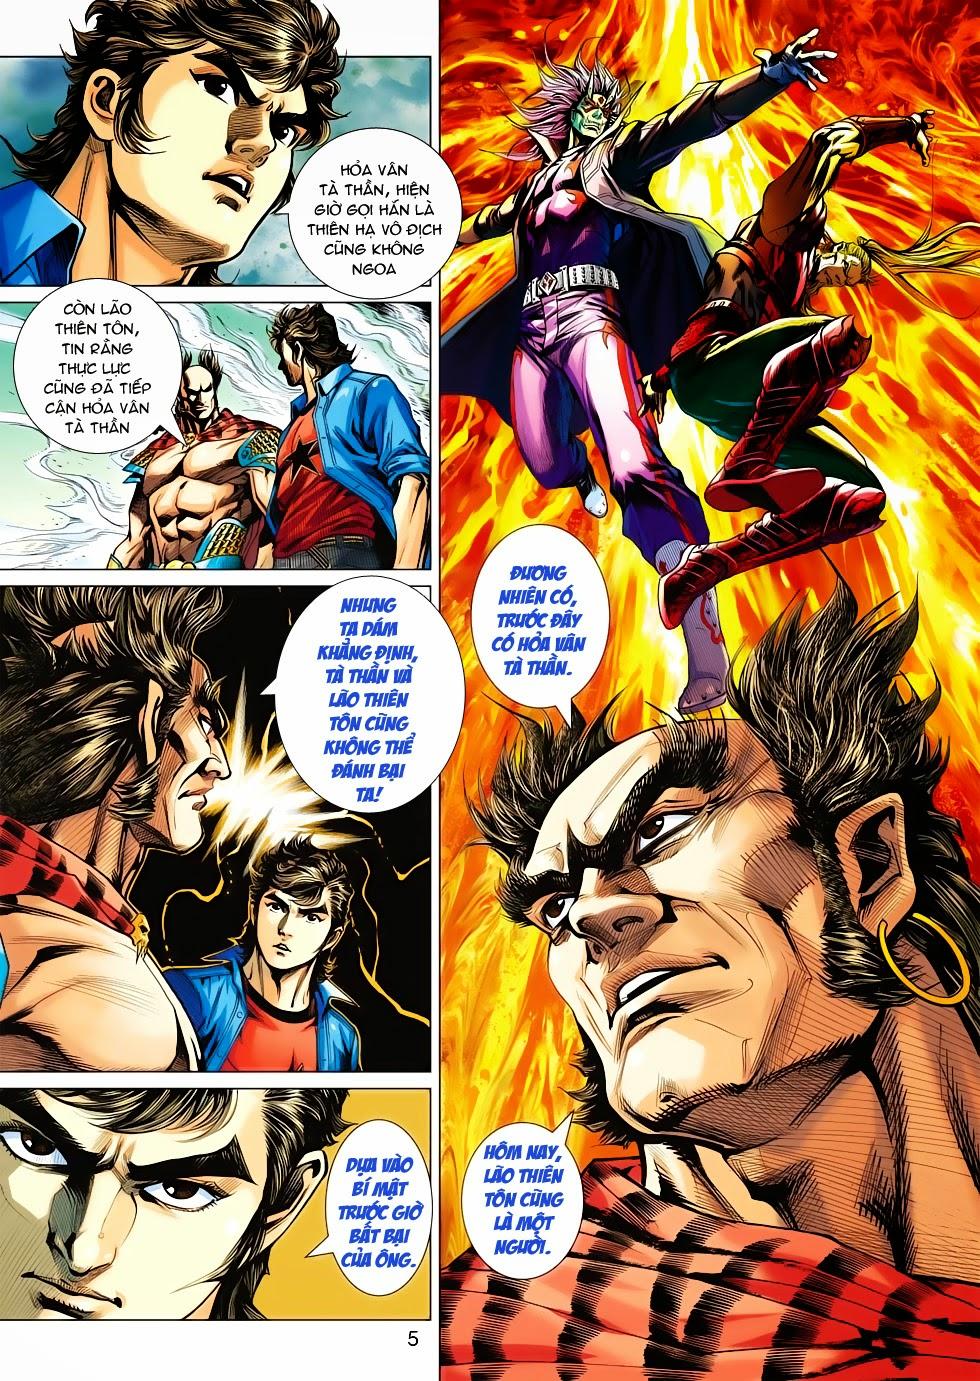 Tân Tác Long Hổ Môn trang 5